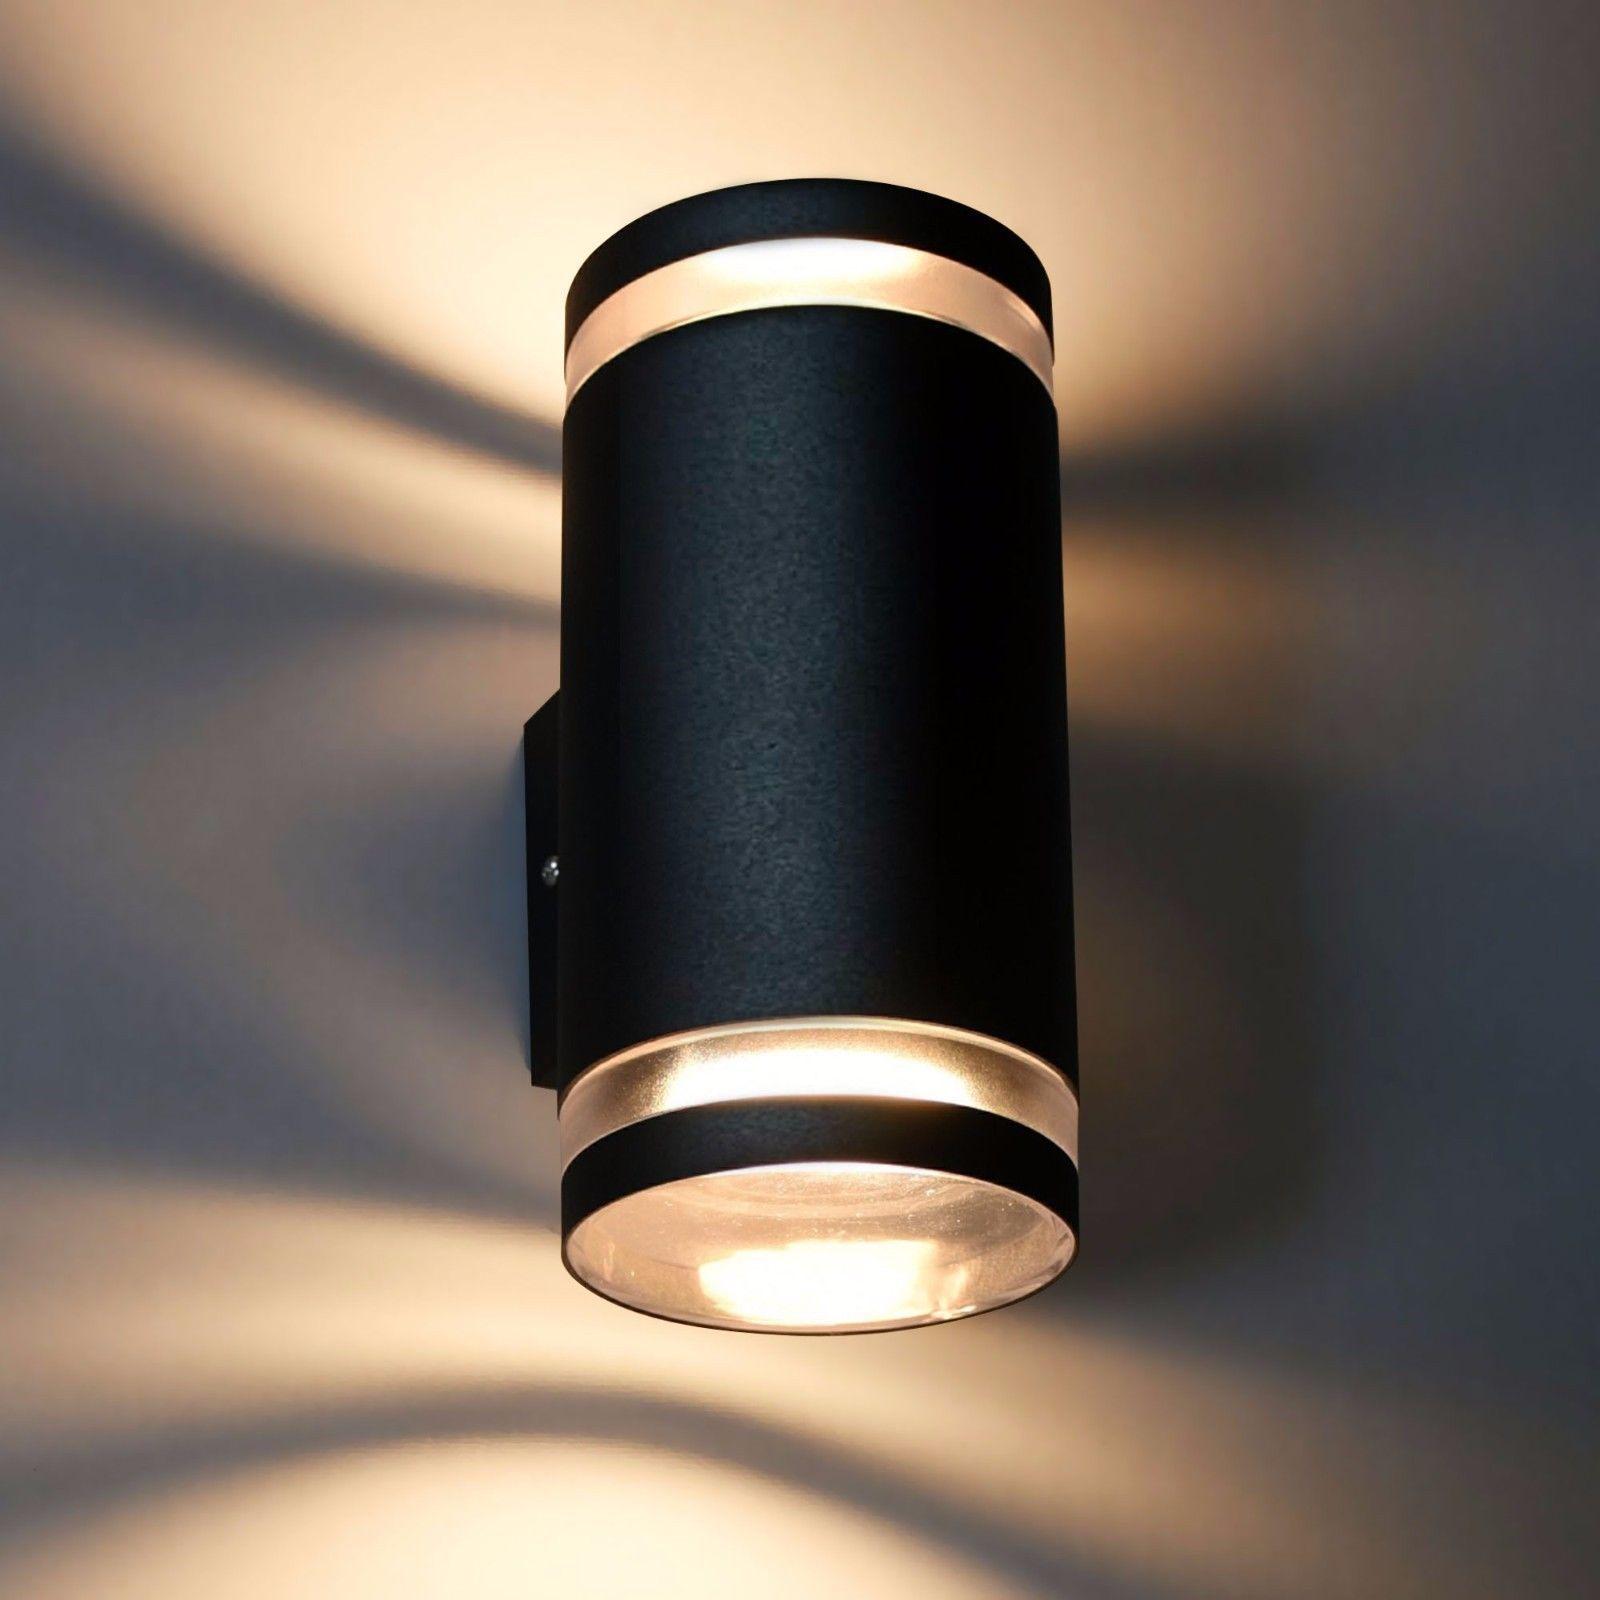 Aussenleuchte Aussenlampe Aussenwandleuchte Wandlampe Wandleuchte 109